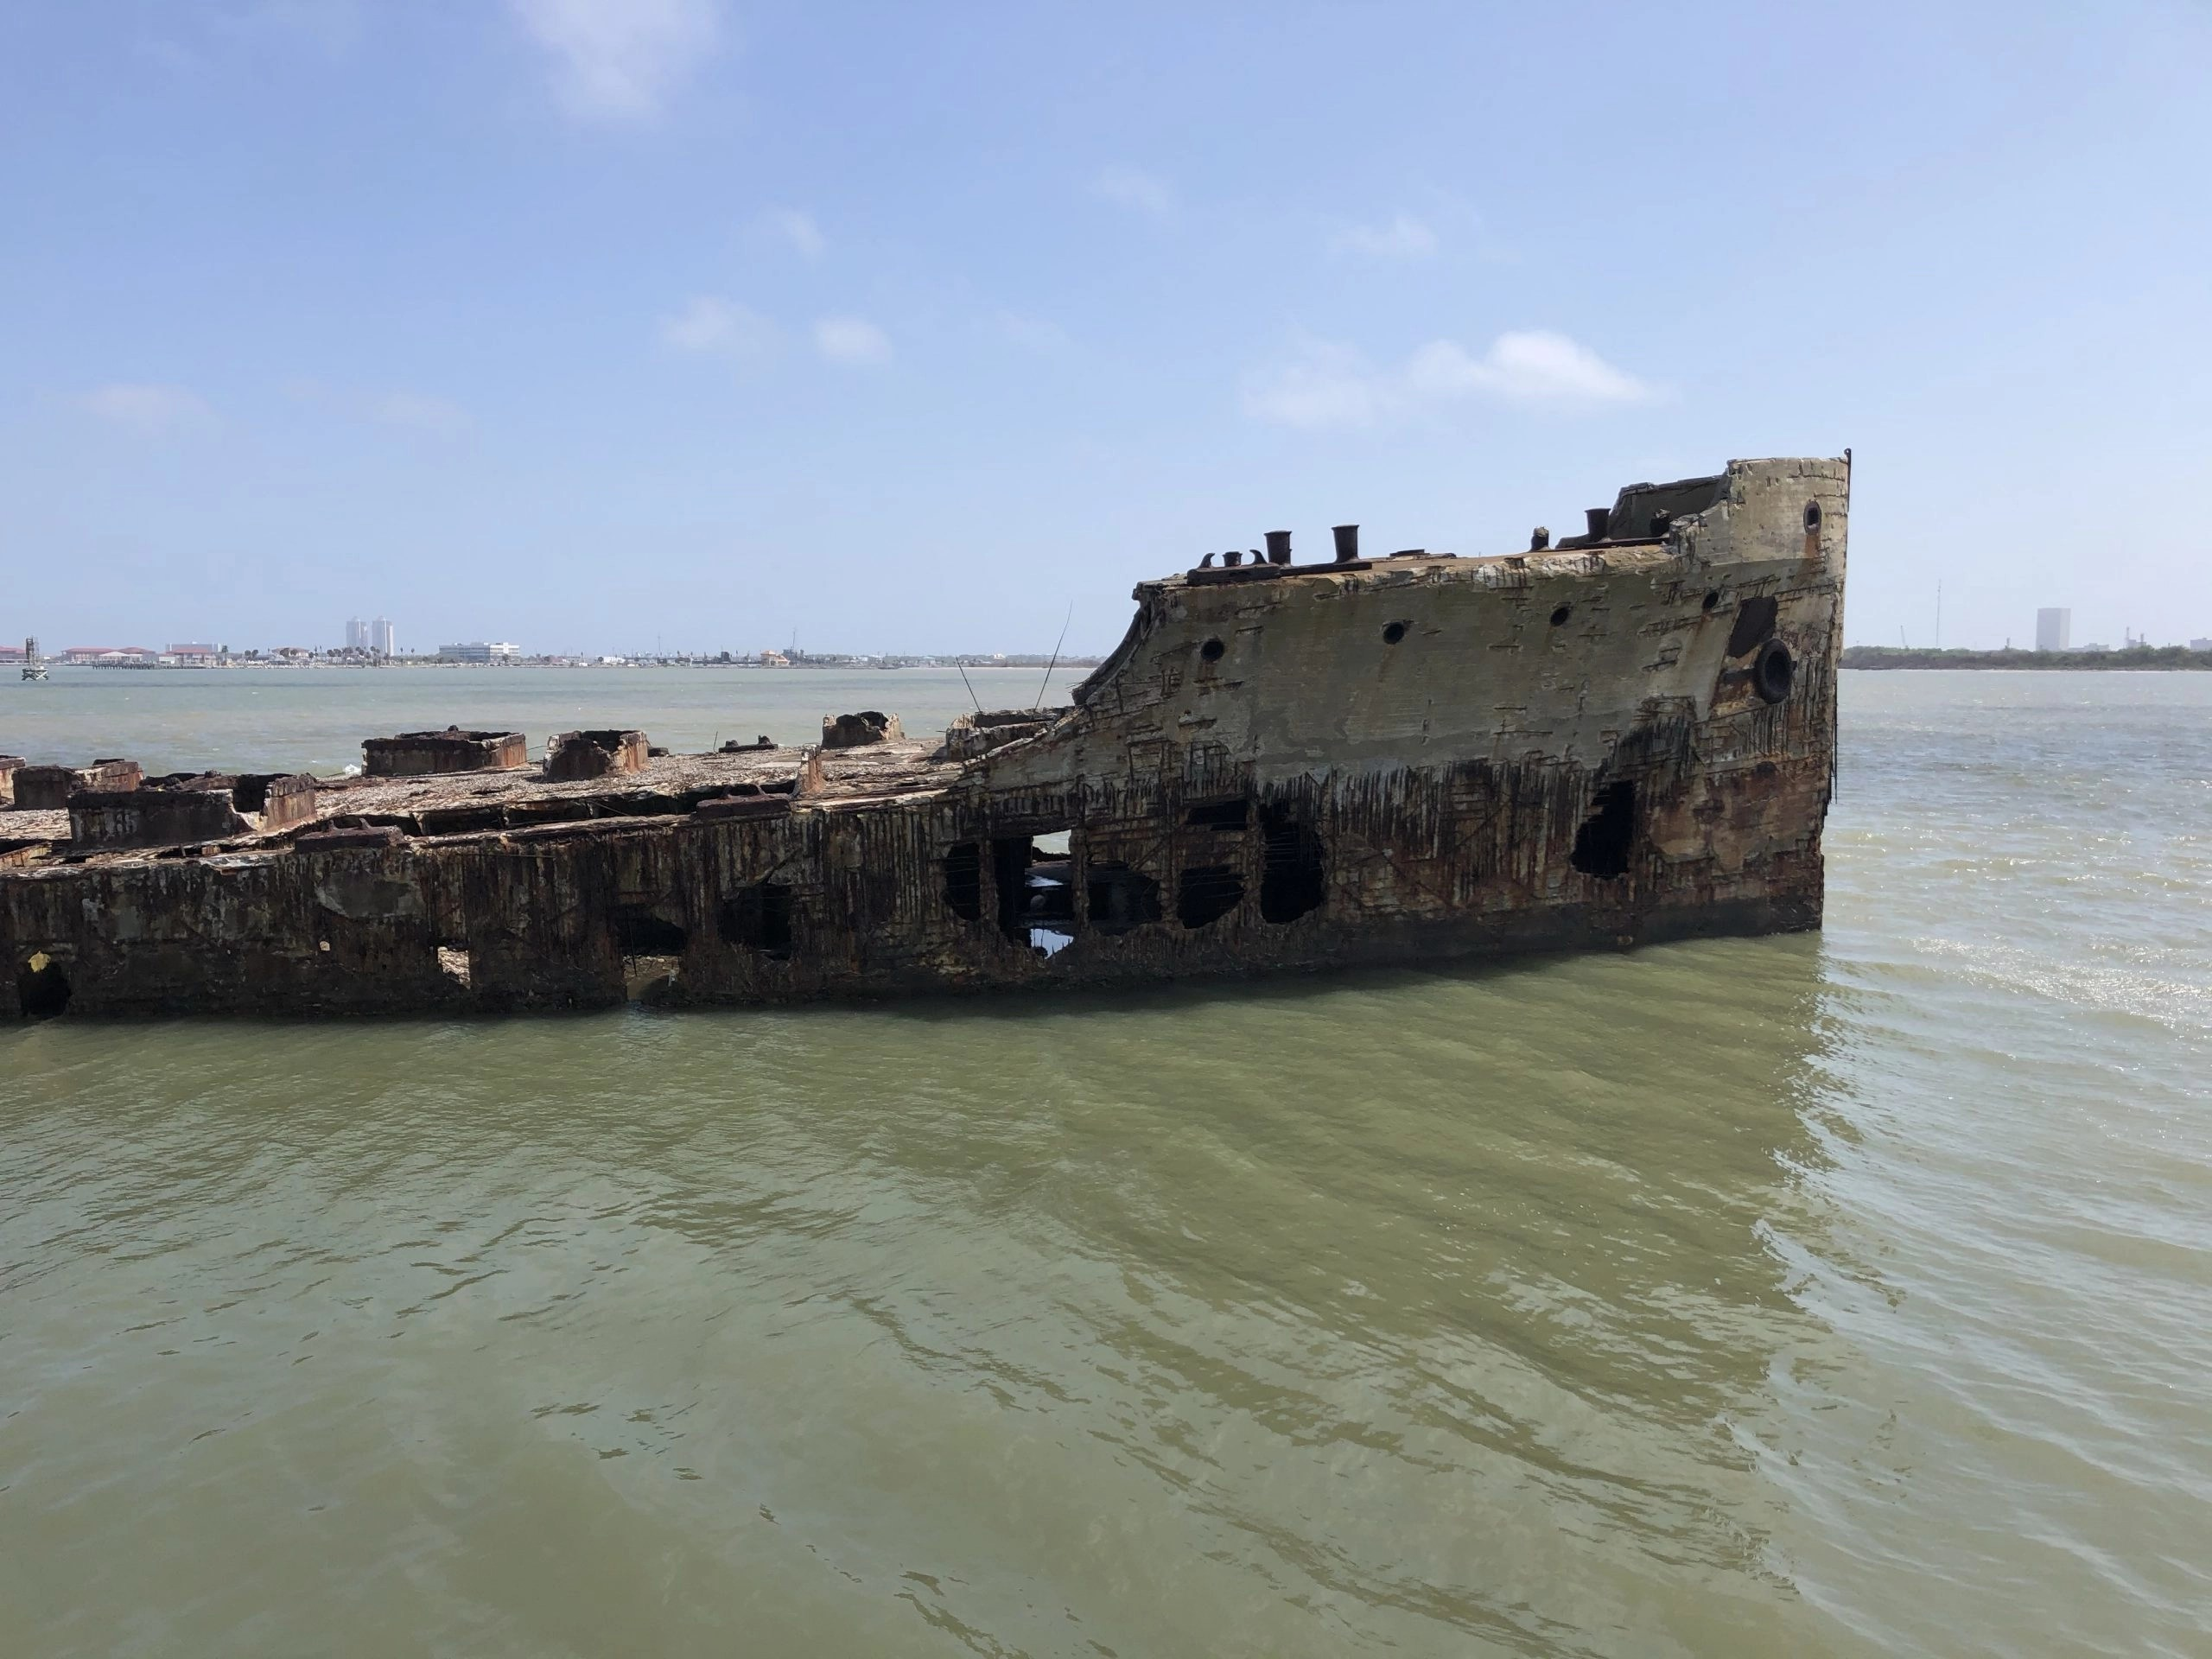 scuttled ship